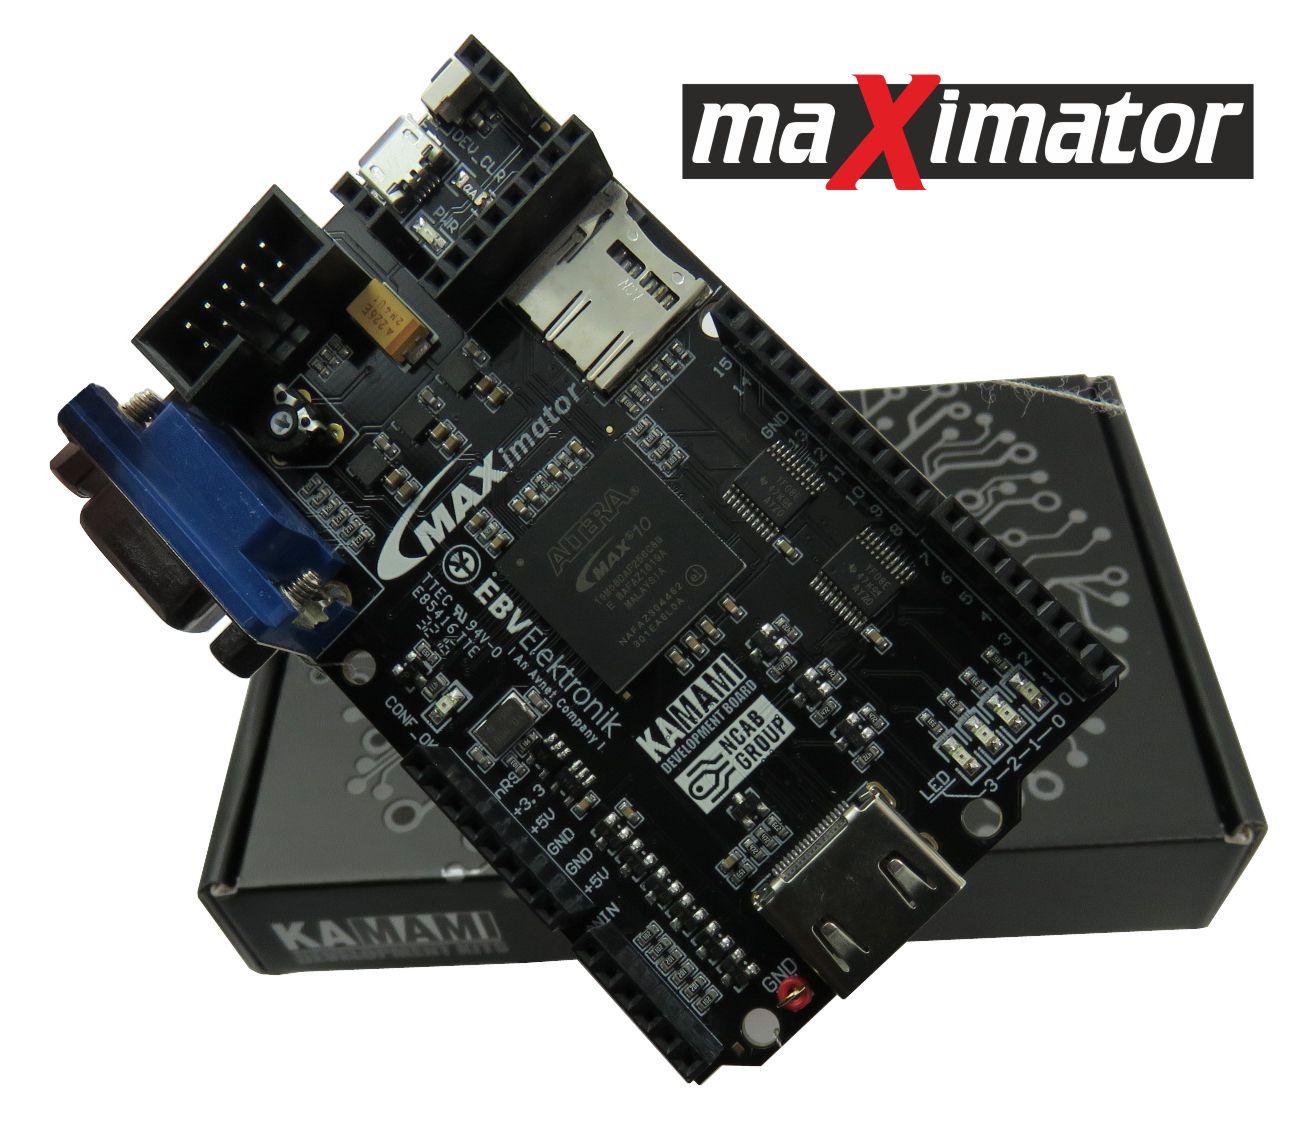 maXimator - Altera MAX10 FPGA development board